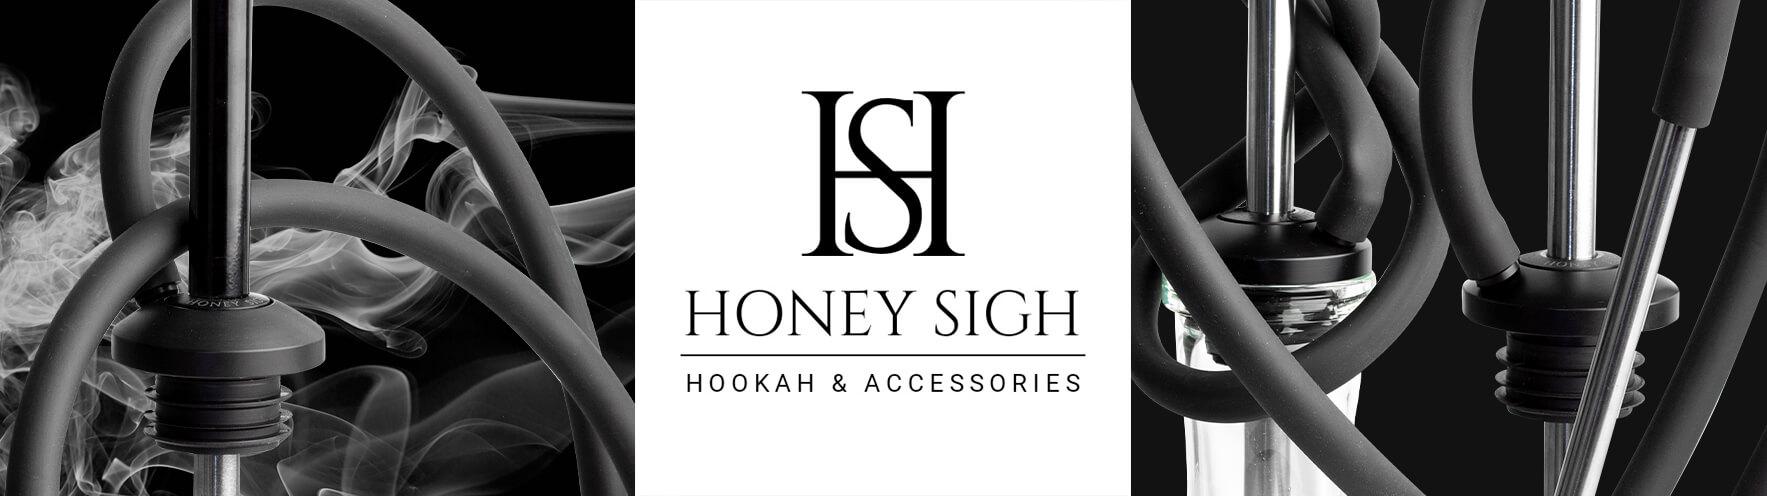 Купить Honey Sigh оптом на официальном сайте